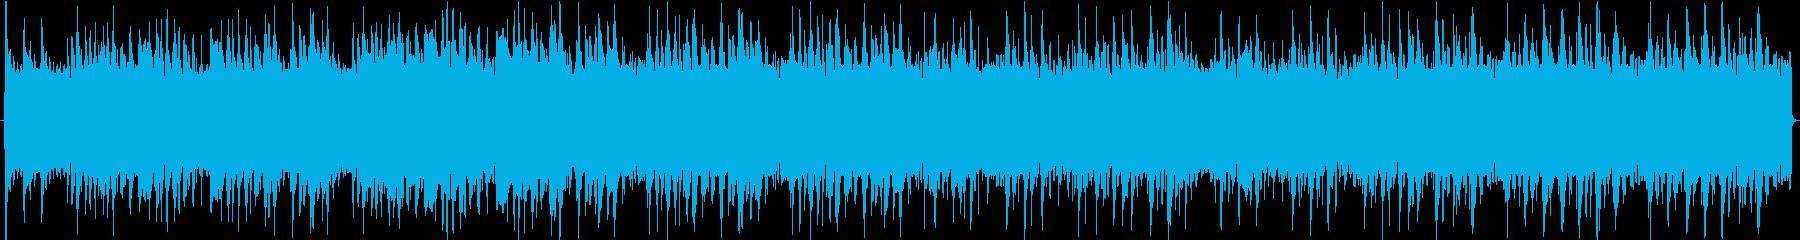 ゲーム/回想/木琴アコーディオンの再生済みの波形